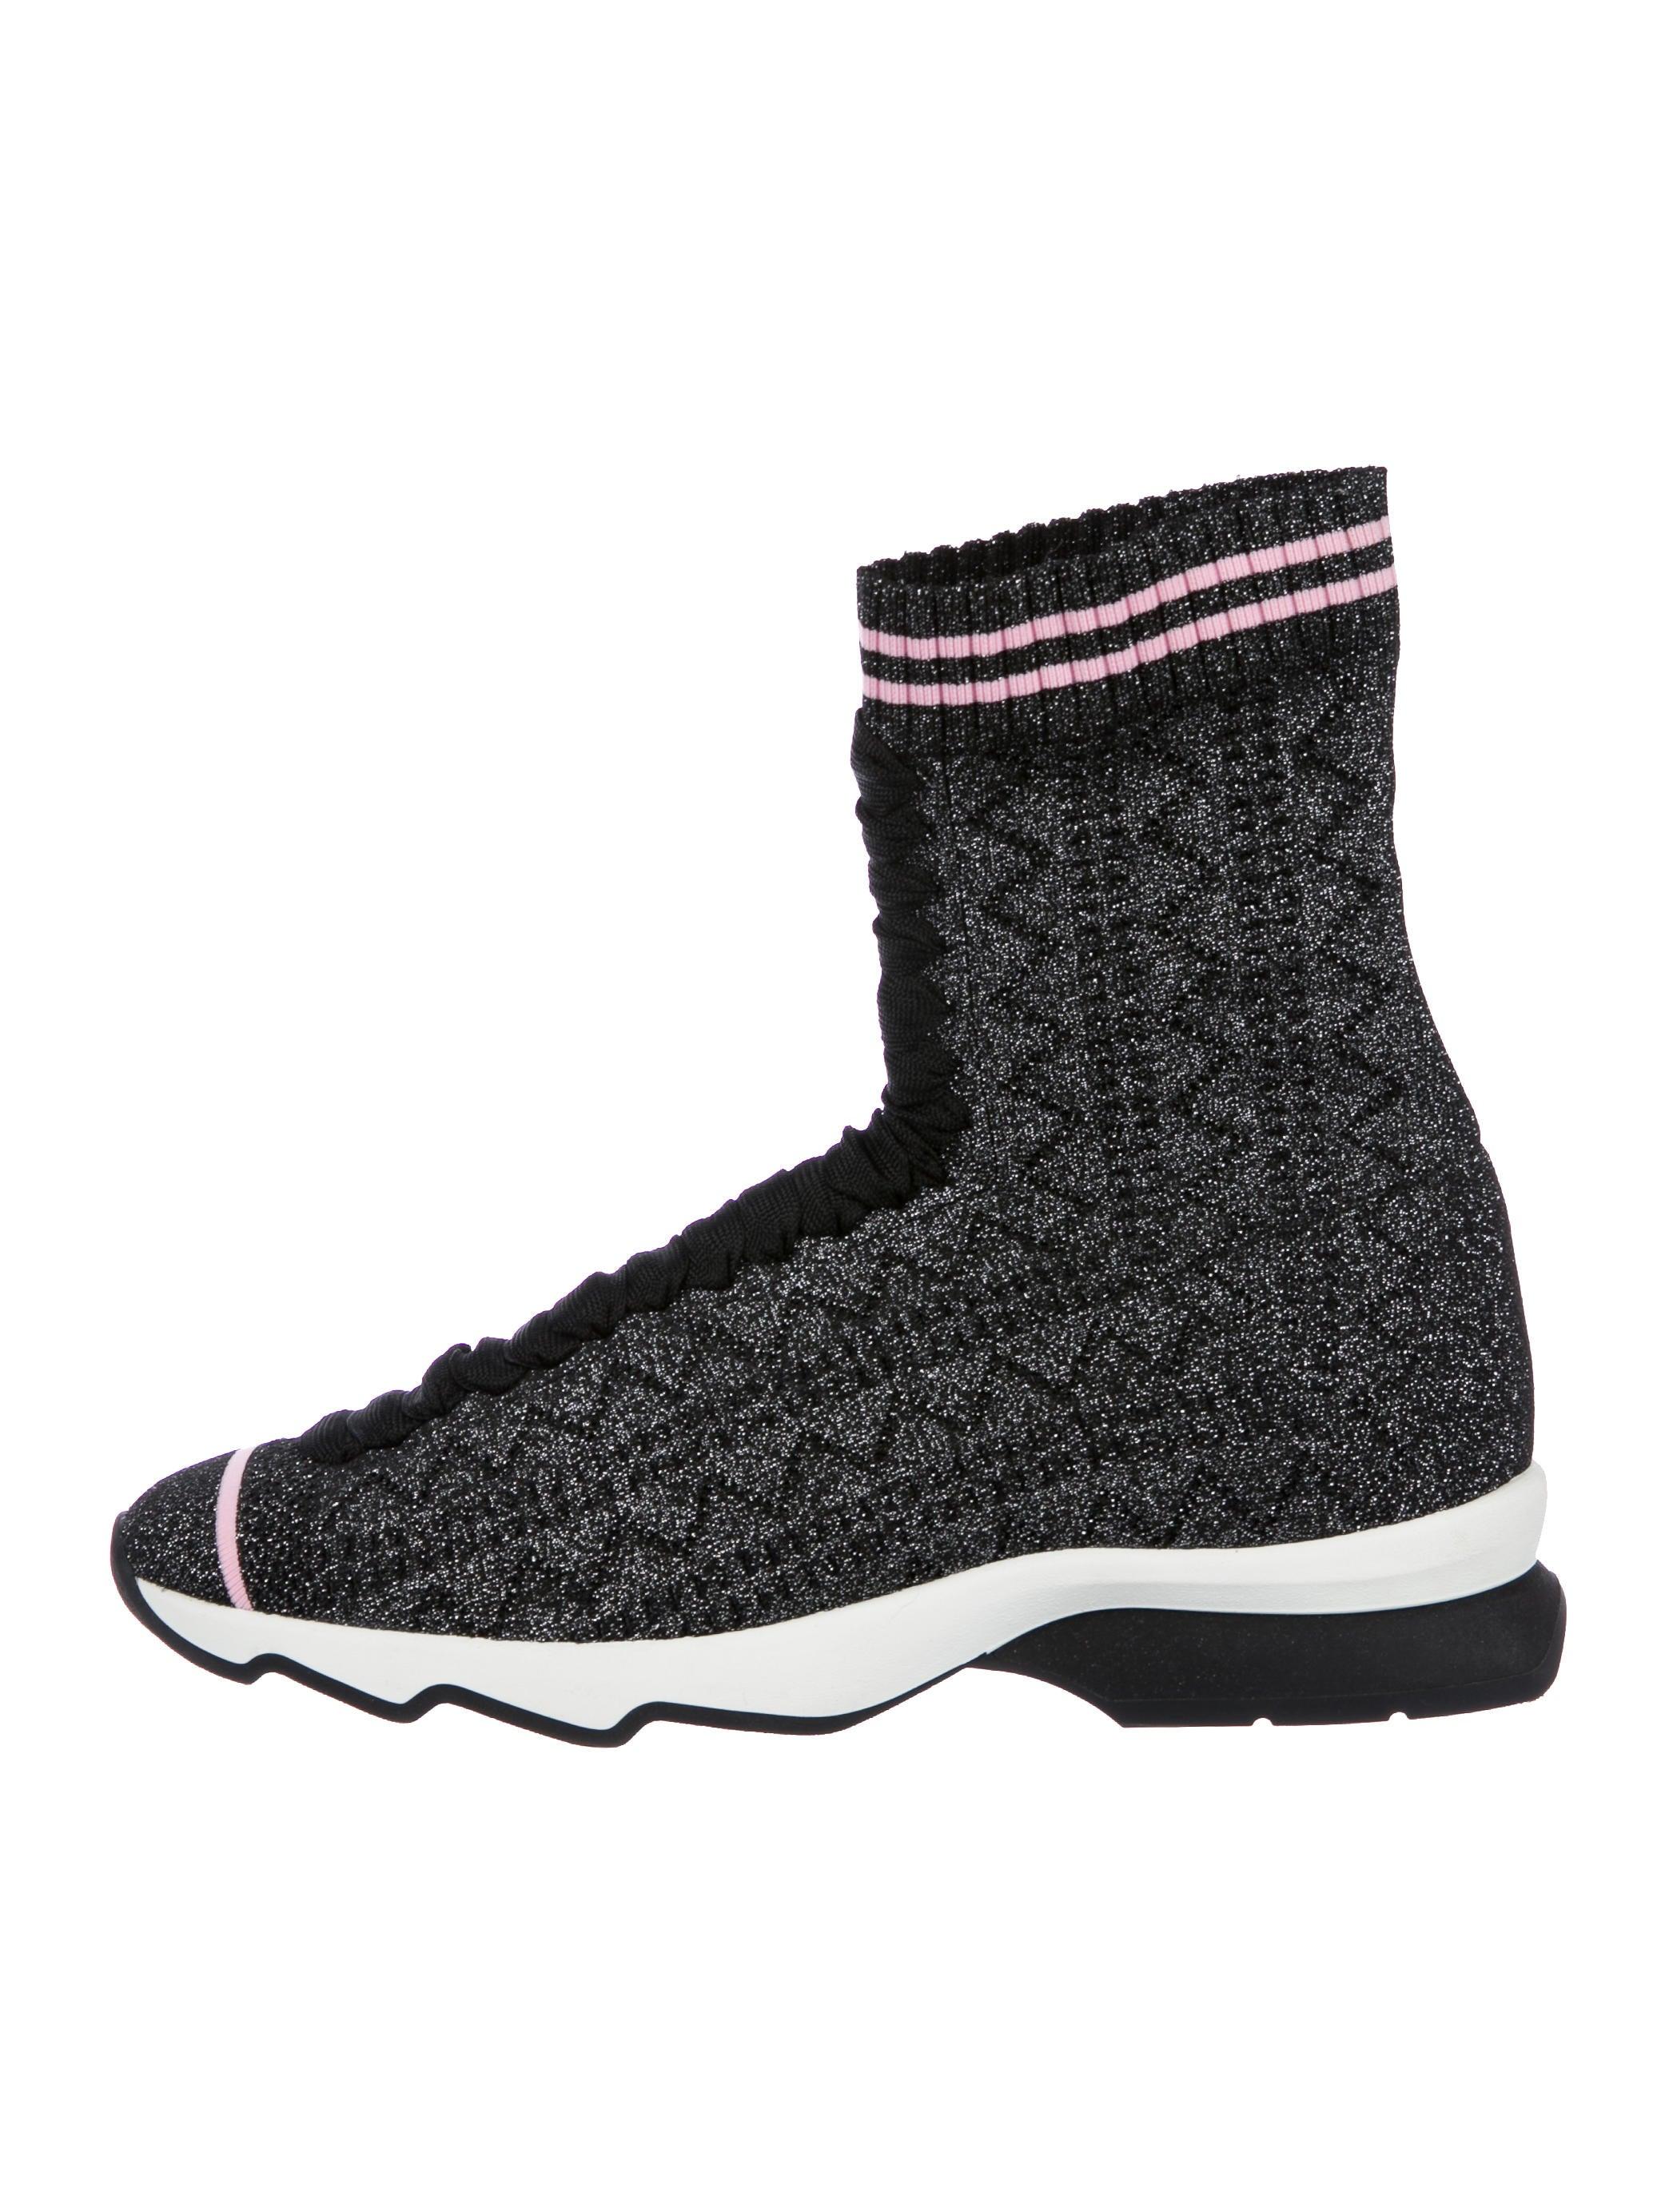 Fendi 2018 Rockoko Sock Sneakers w/ Tags buy cheap in China UwpyC